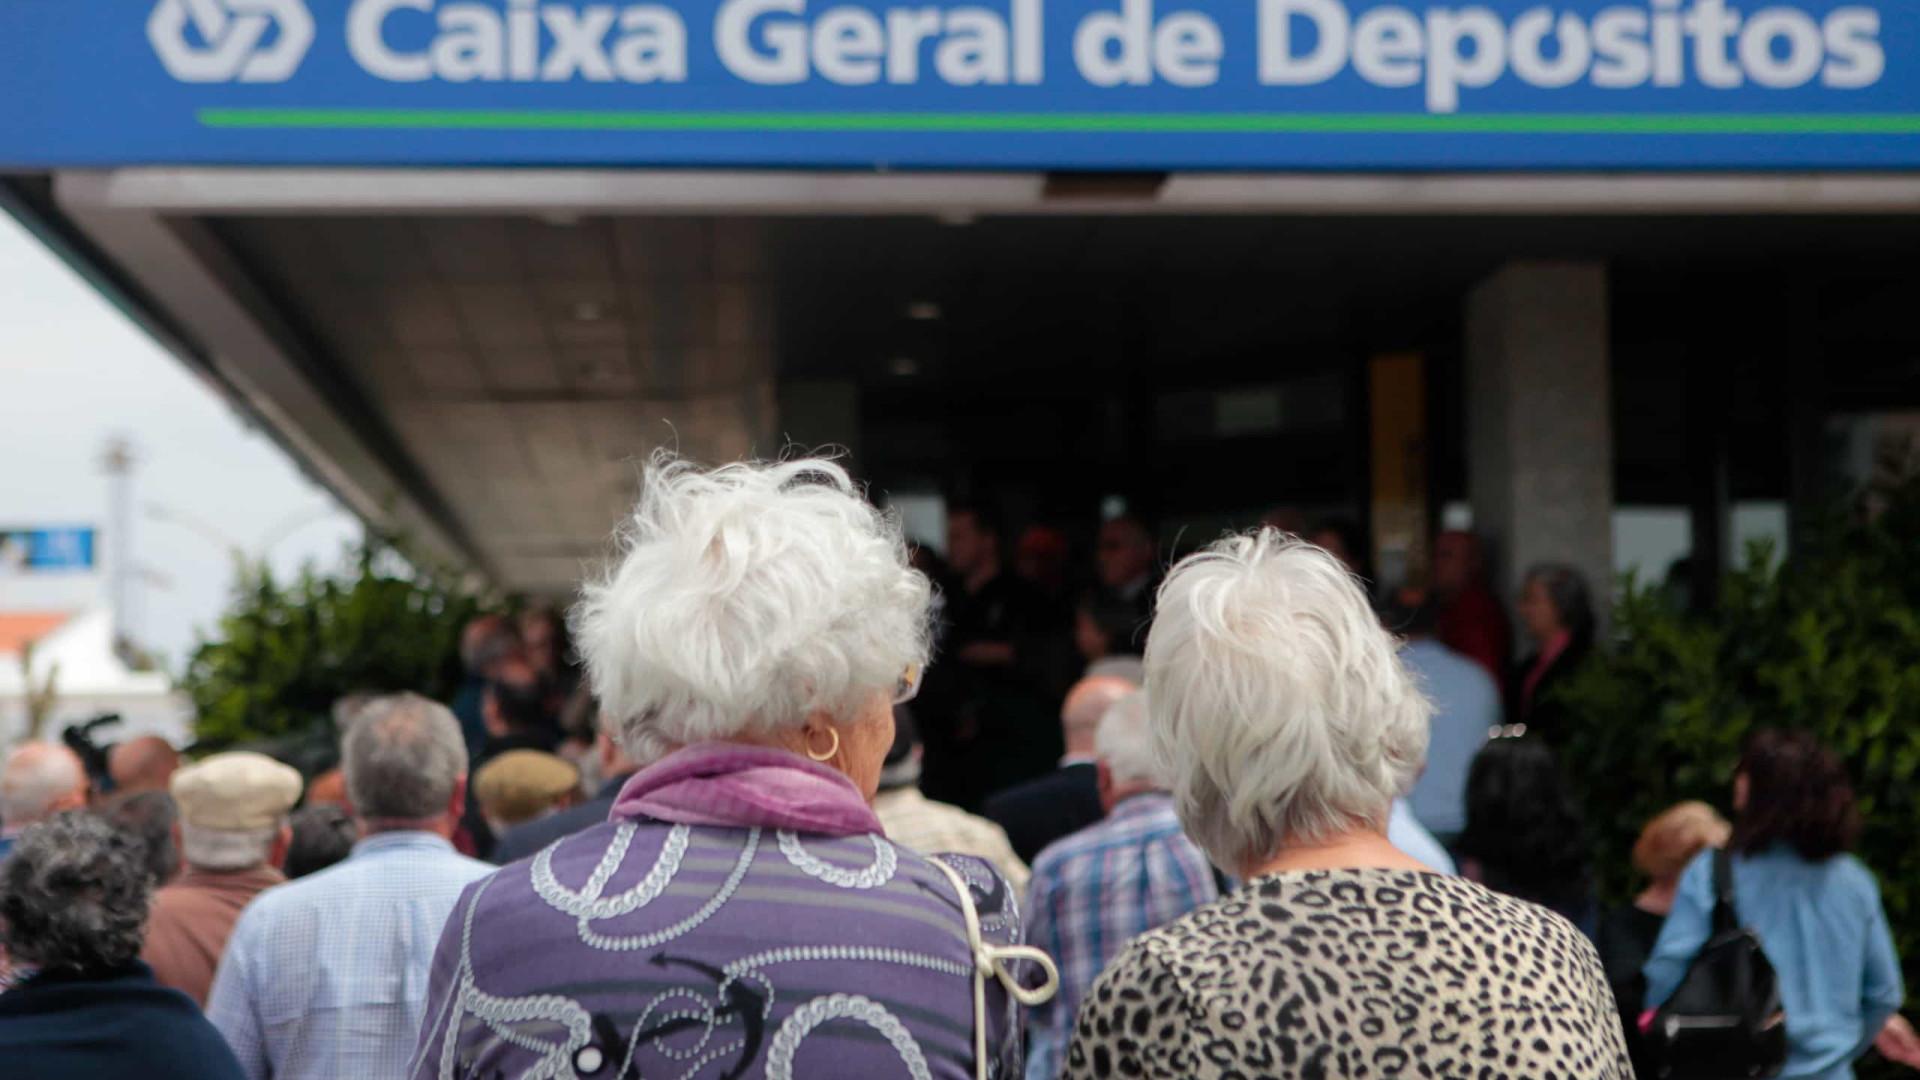 Cerca de 800 trabalhadores saíram este ano da CGD, Novo Banco, BPI e BCP